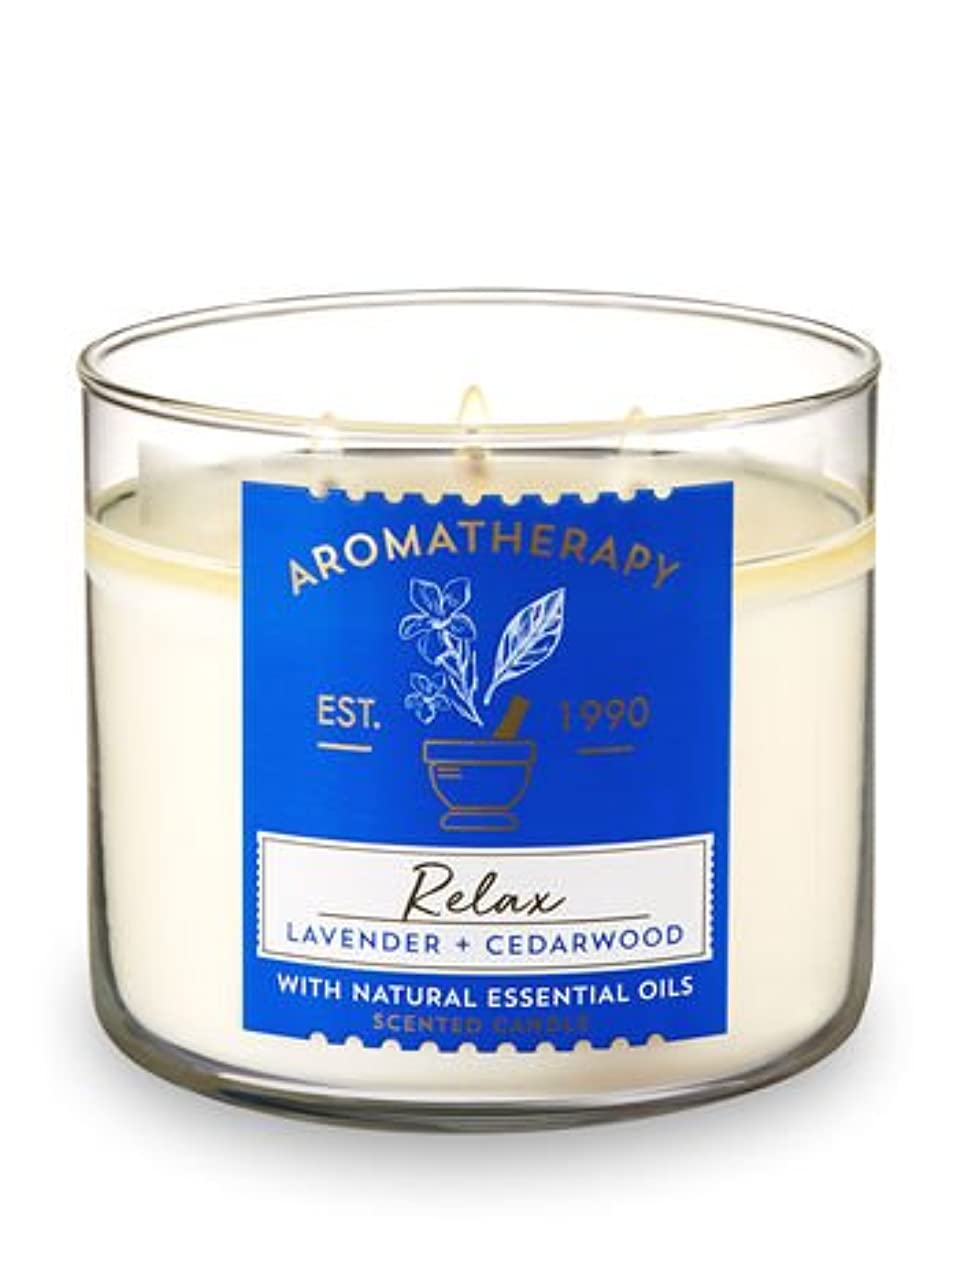 支店すでにゲインセイ【Bath&Body Works/バス&ボディワークス】 アロマキャンドル アロマセラピー リラックス ラベンダー&シダーウッド Aromatherapy 3-Wick Scented Candle Relax Lavender...